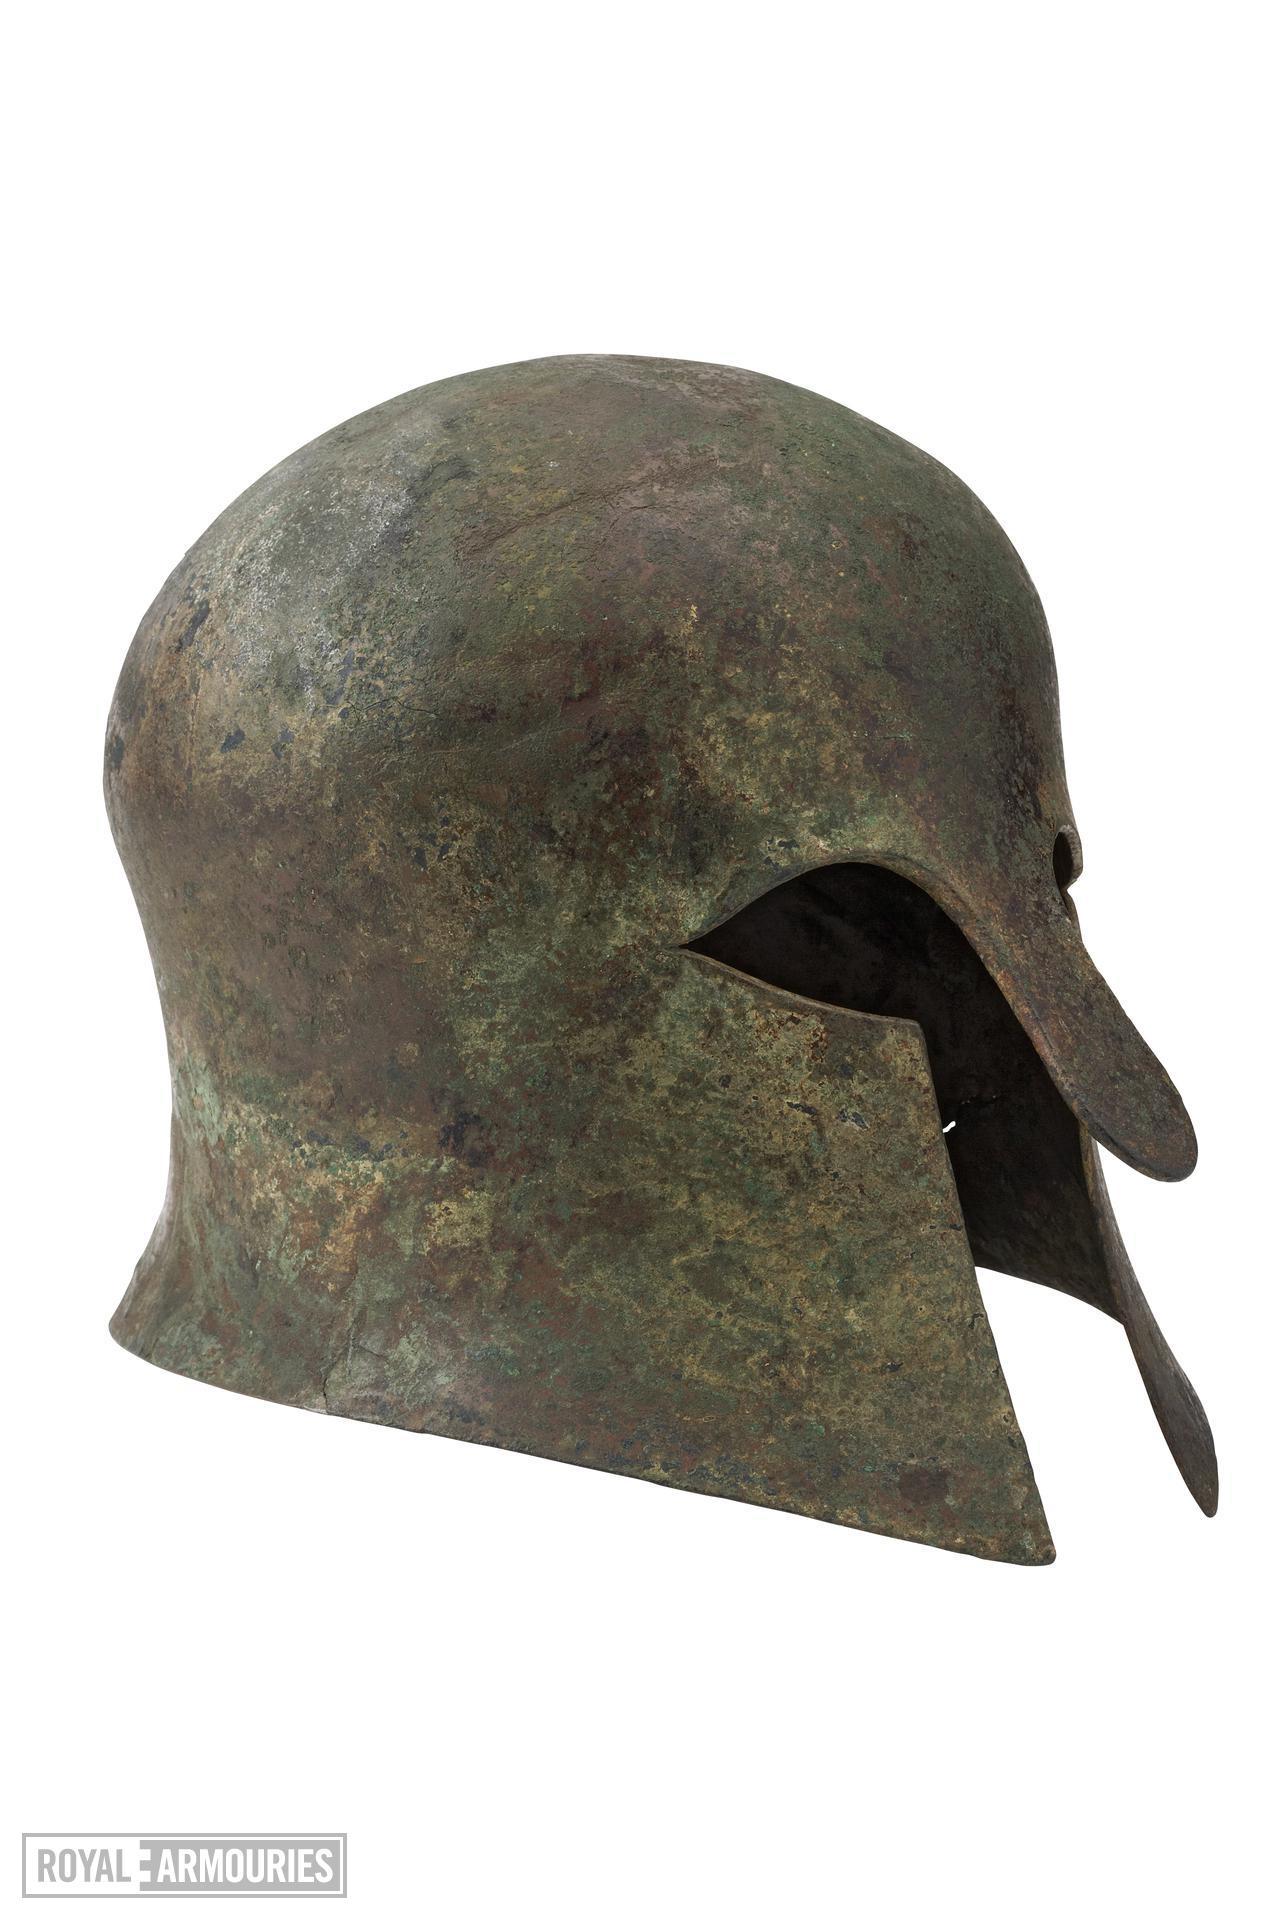 Helmet Corinthian helmet